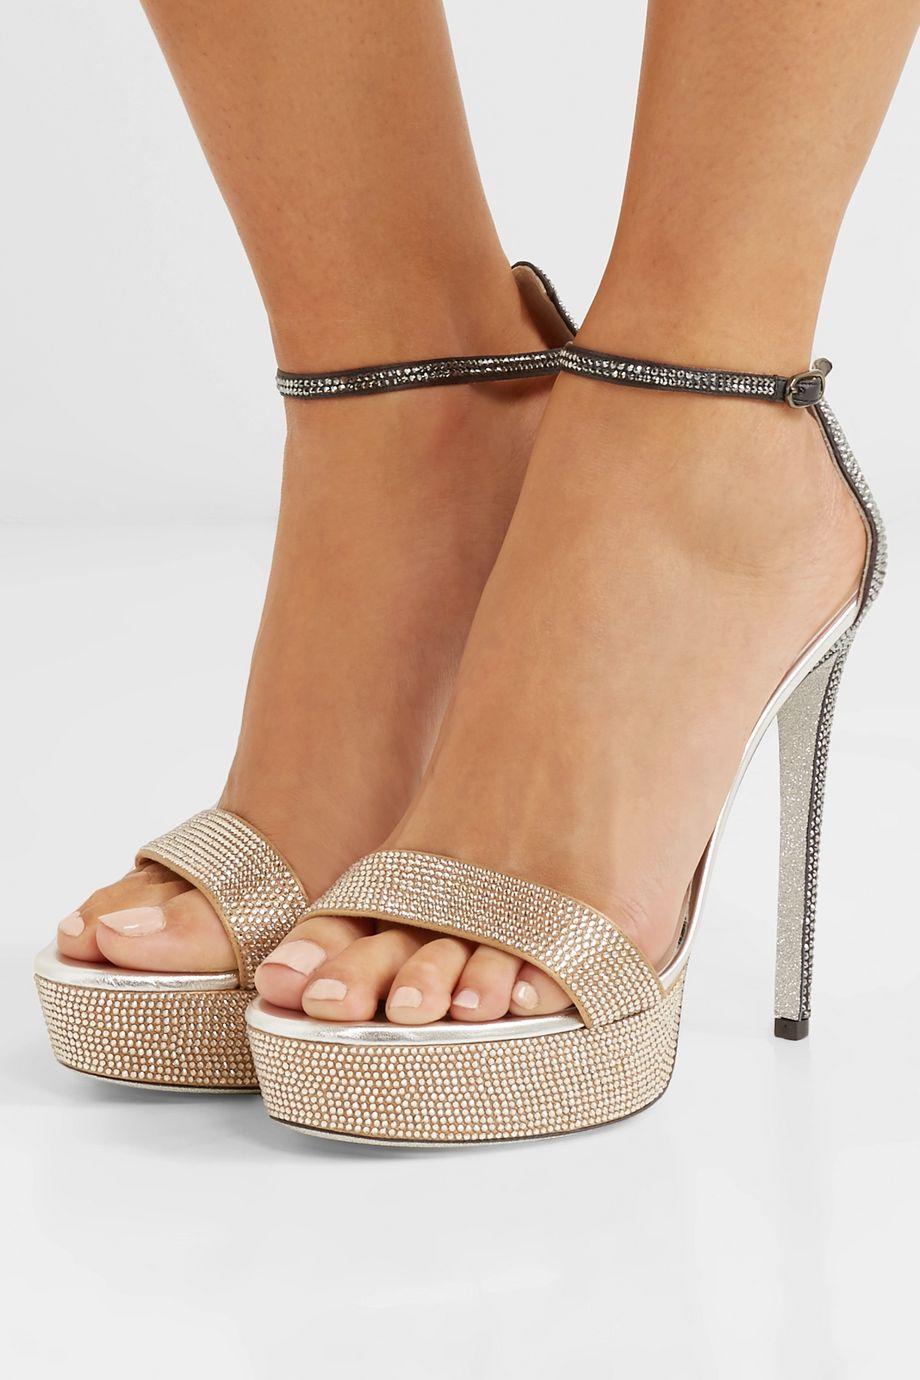 René Caovilla Celebrita crystal-embellished leather platform sandals